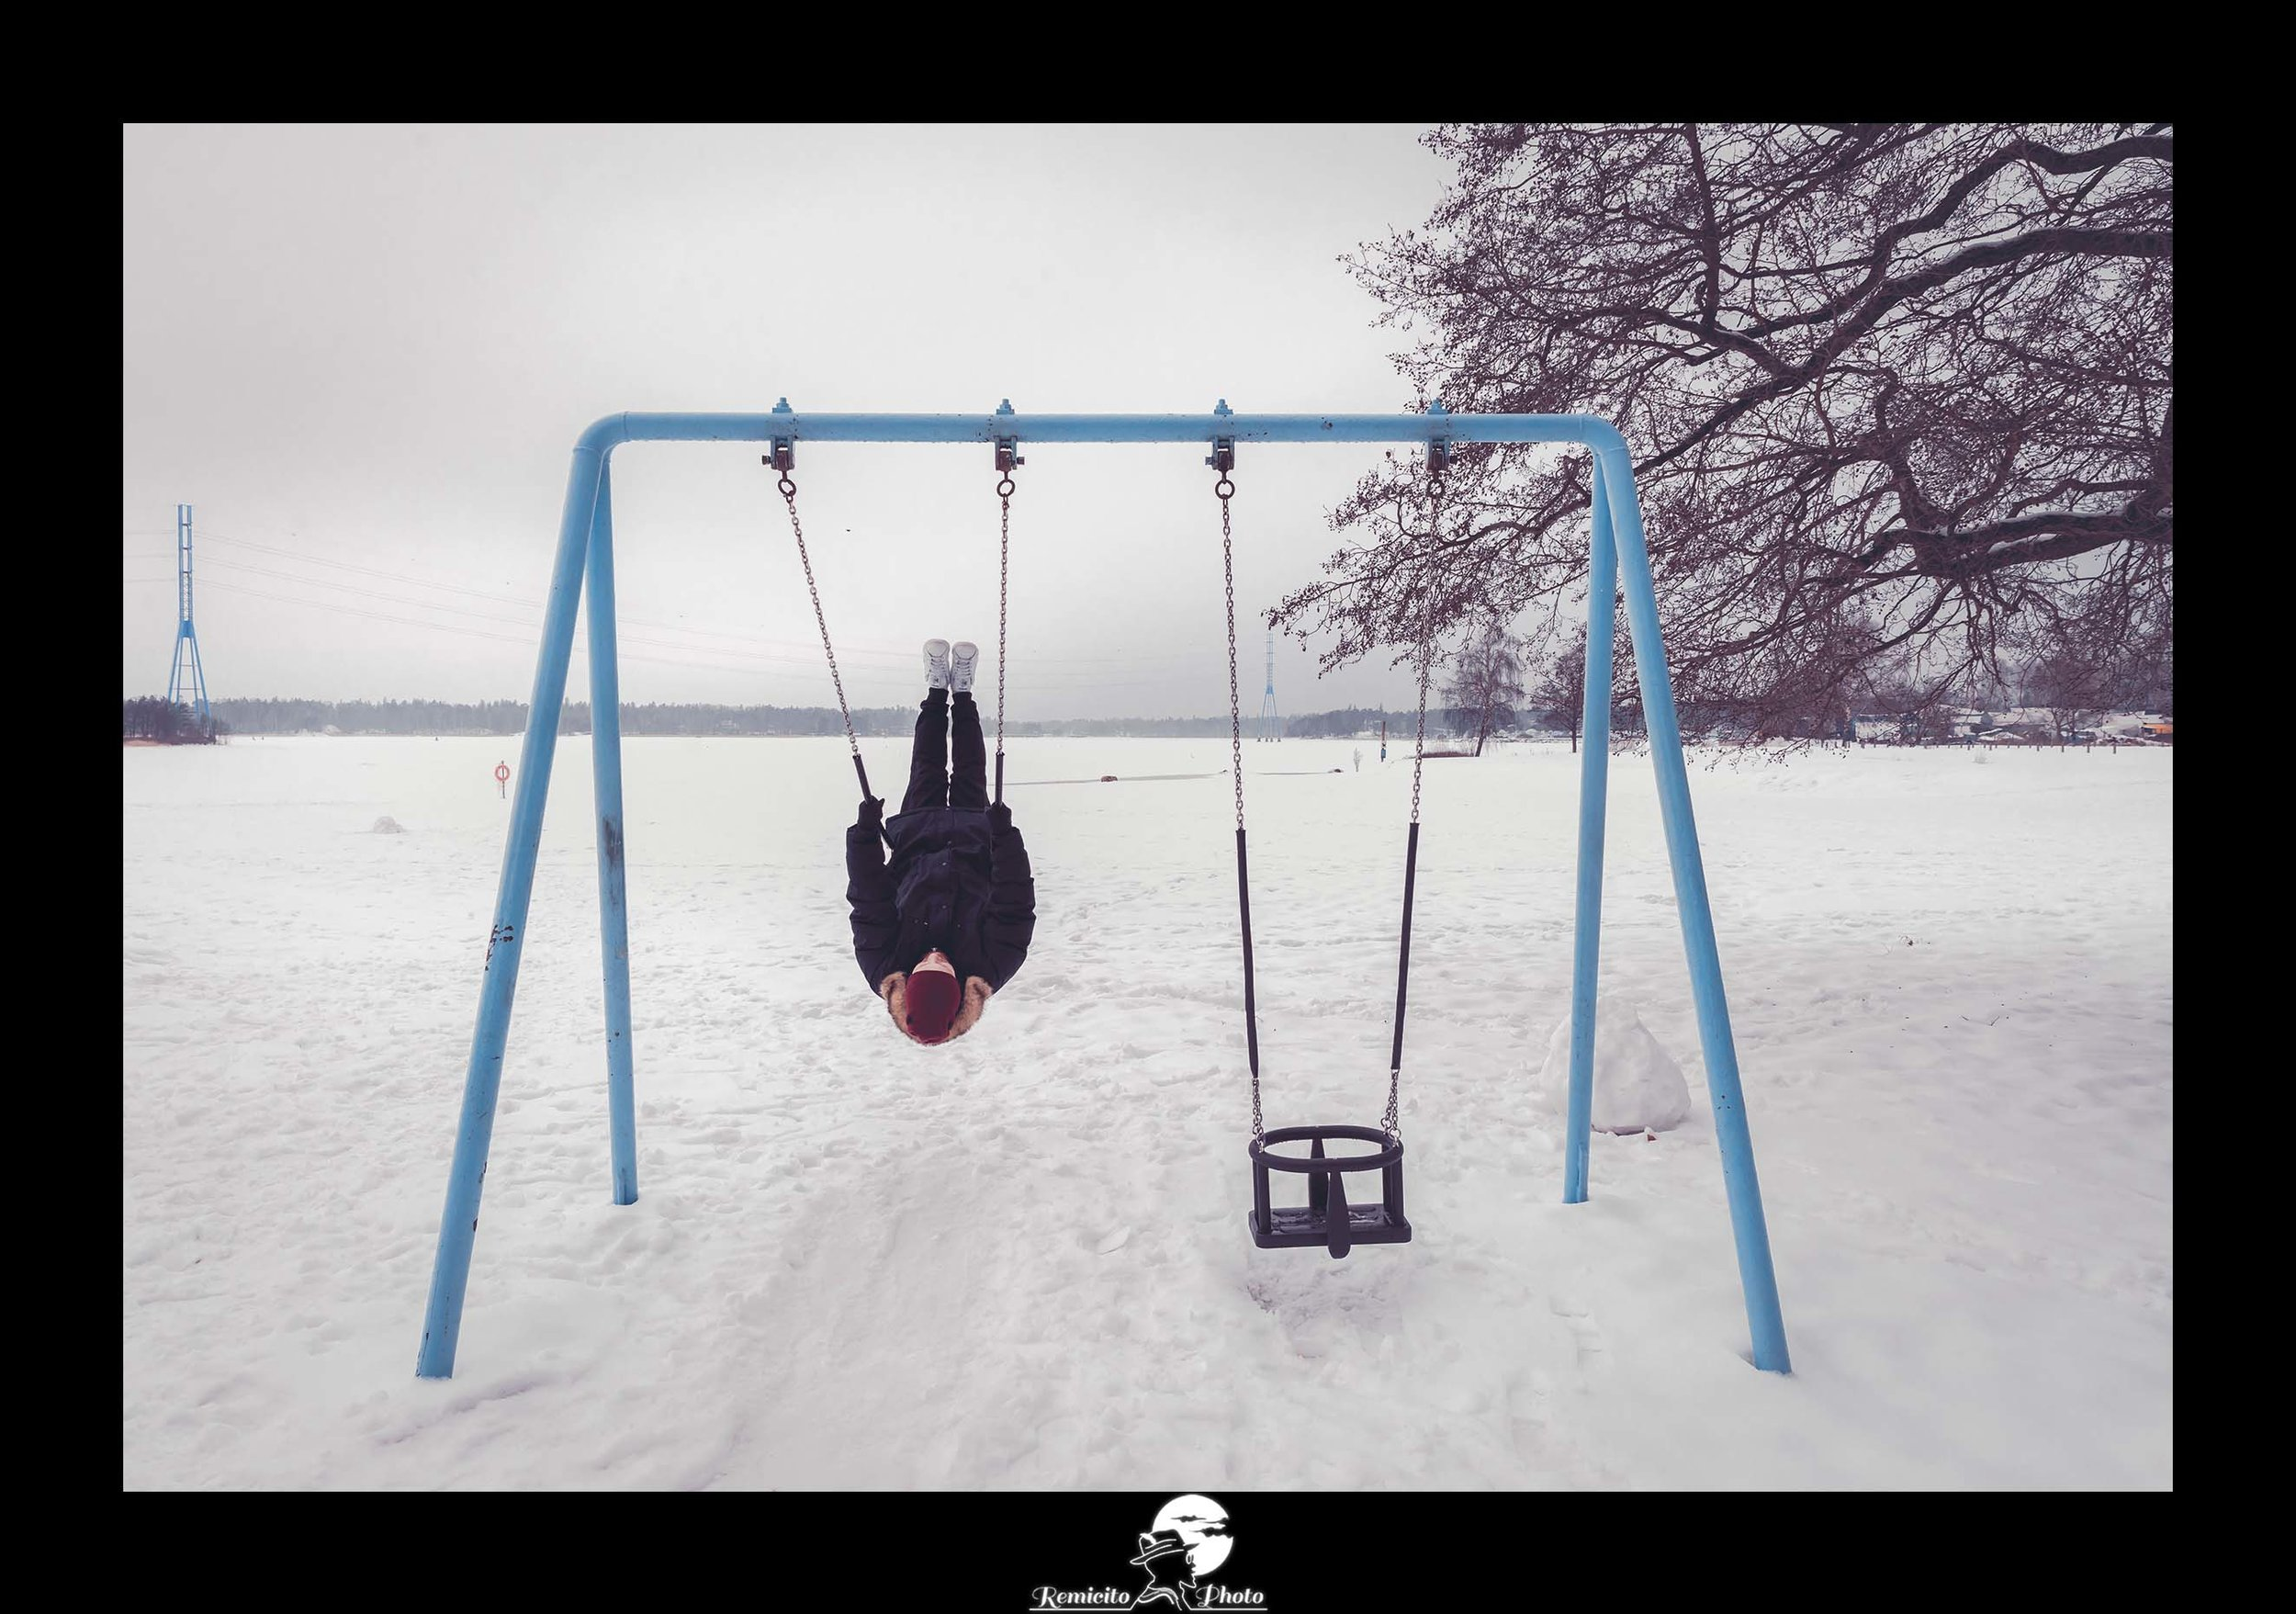 remicito photo, remicito, photo balançoire neige, toucher les étoiles photo, photographe français voyage Finlande, happy life Finland, idée cadeau, belle photo cadeau tirage de qualité